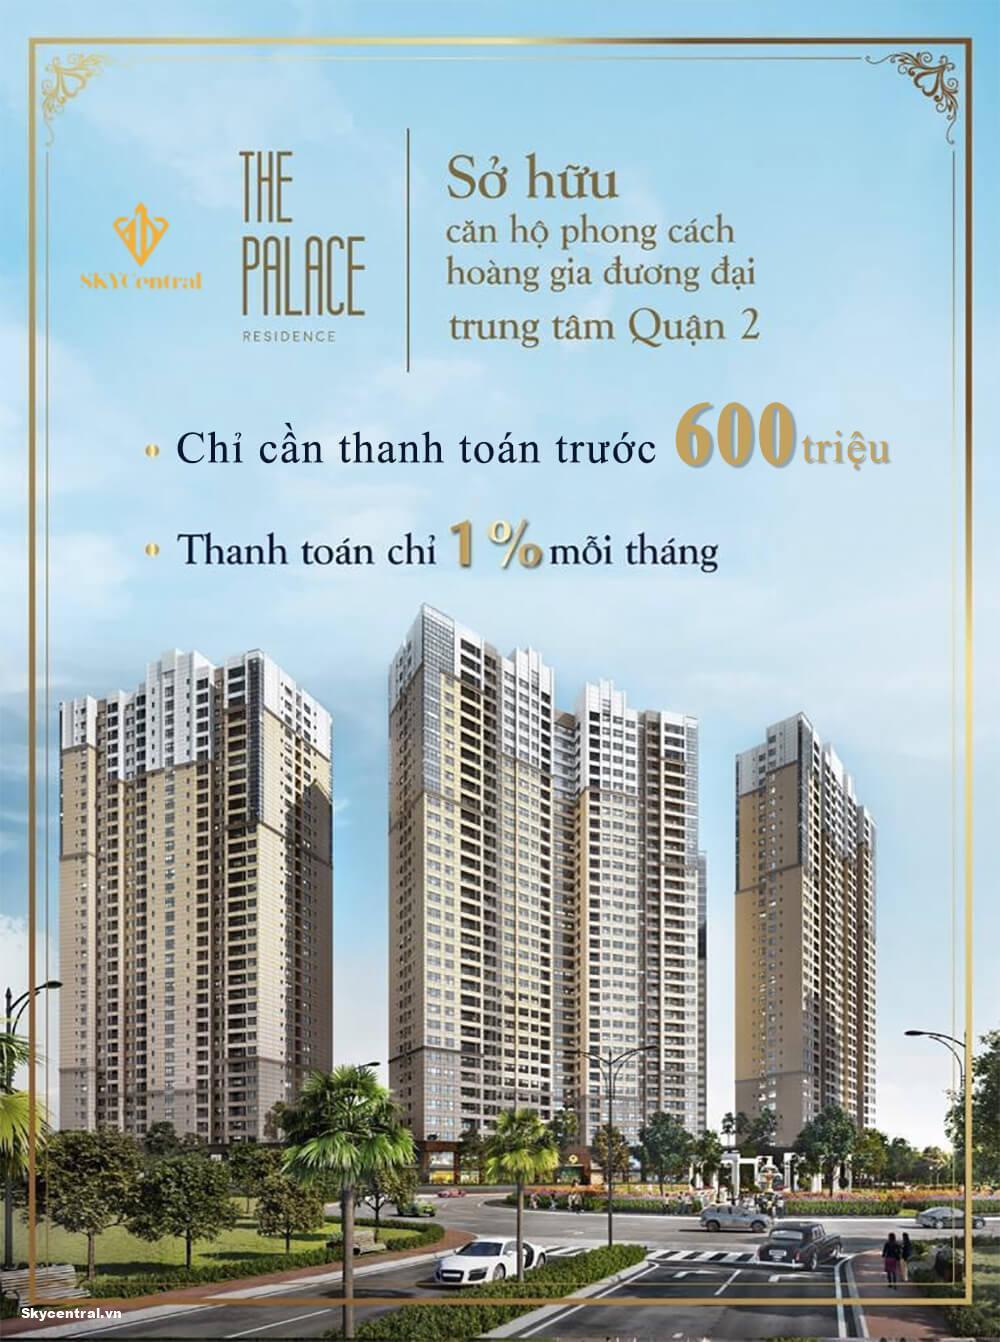 giá căn hộ the palace residence